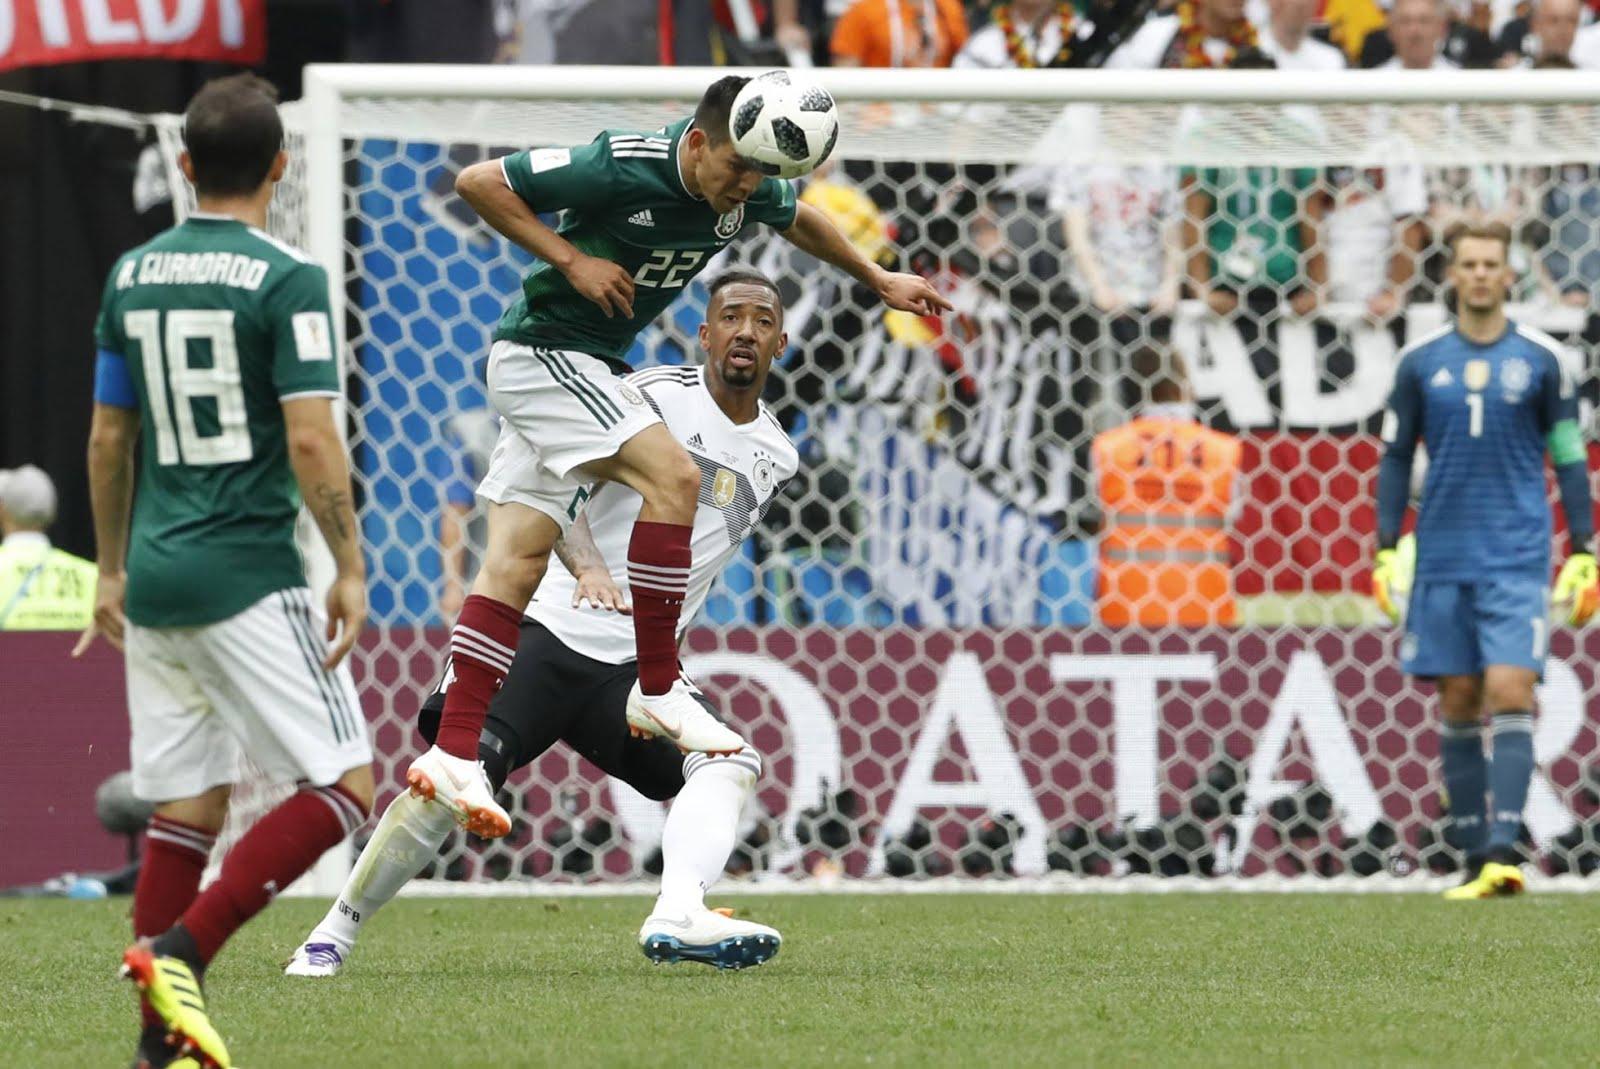 Alemanha 0 x 1 México ao vivo pela Copa do Mundo - Portal Diário de ... 39c6fba71c70a